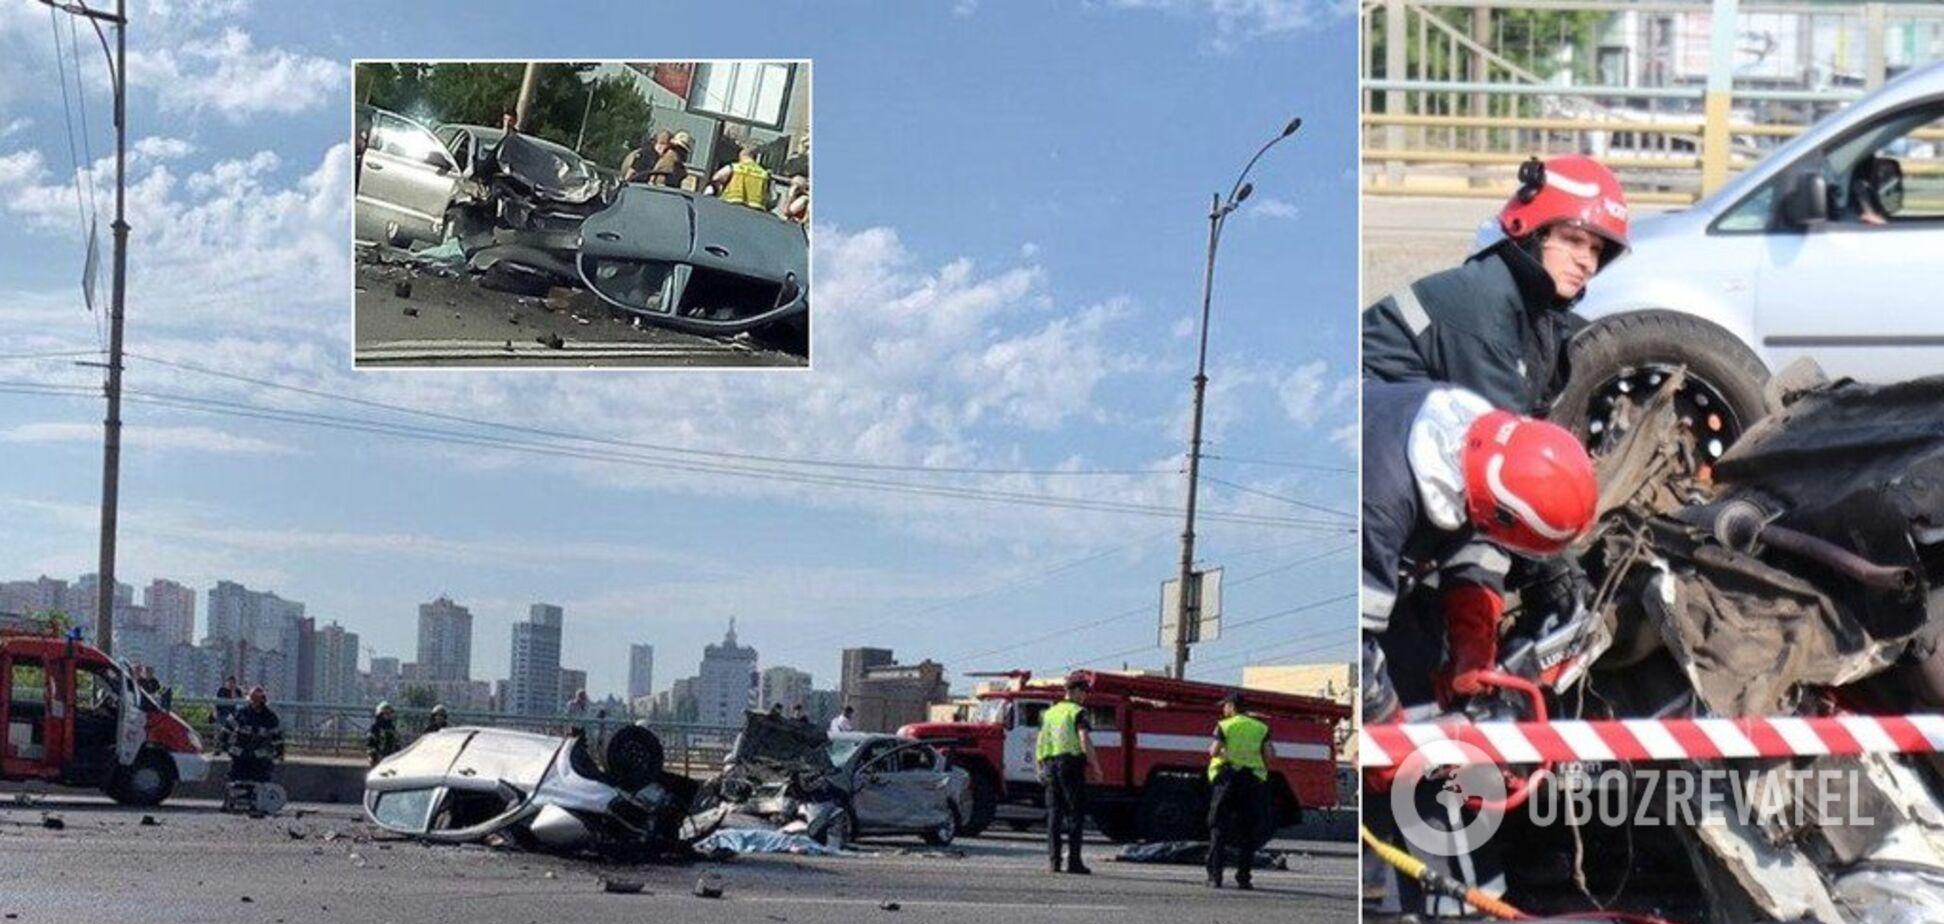 Разорвало на части: в Киеве случилось жуткое ДТП с 4 погибшими. Фото и видео 18+